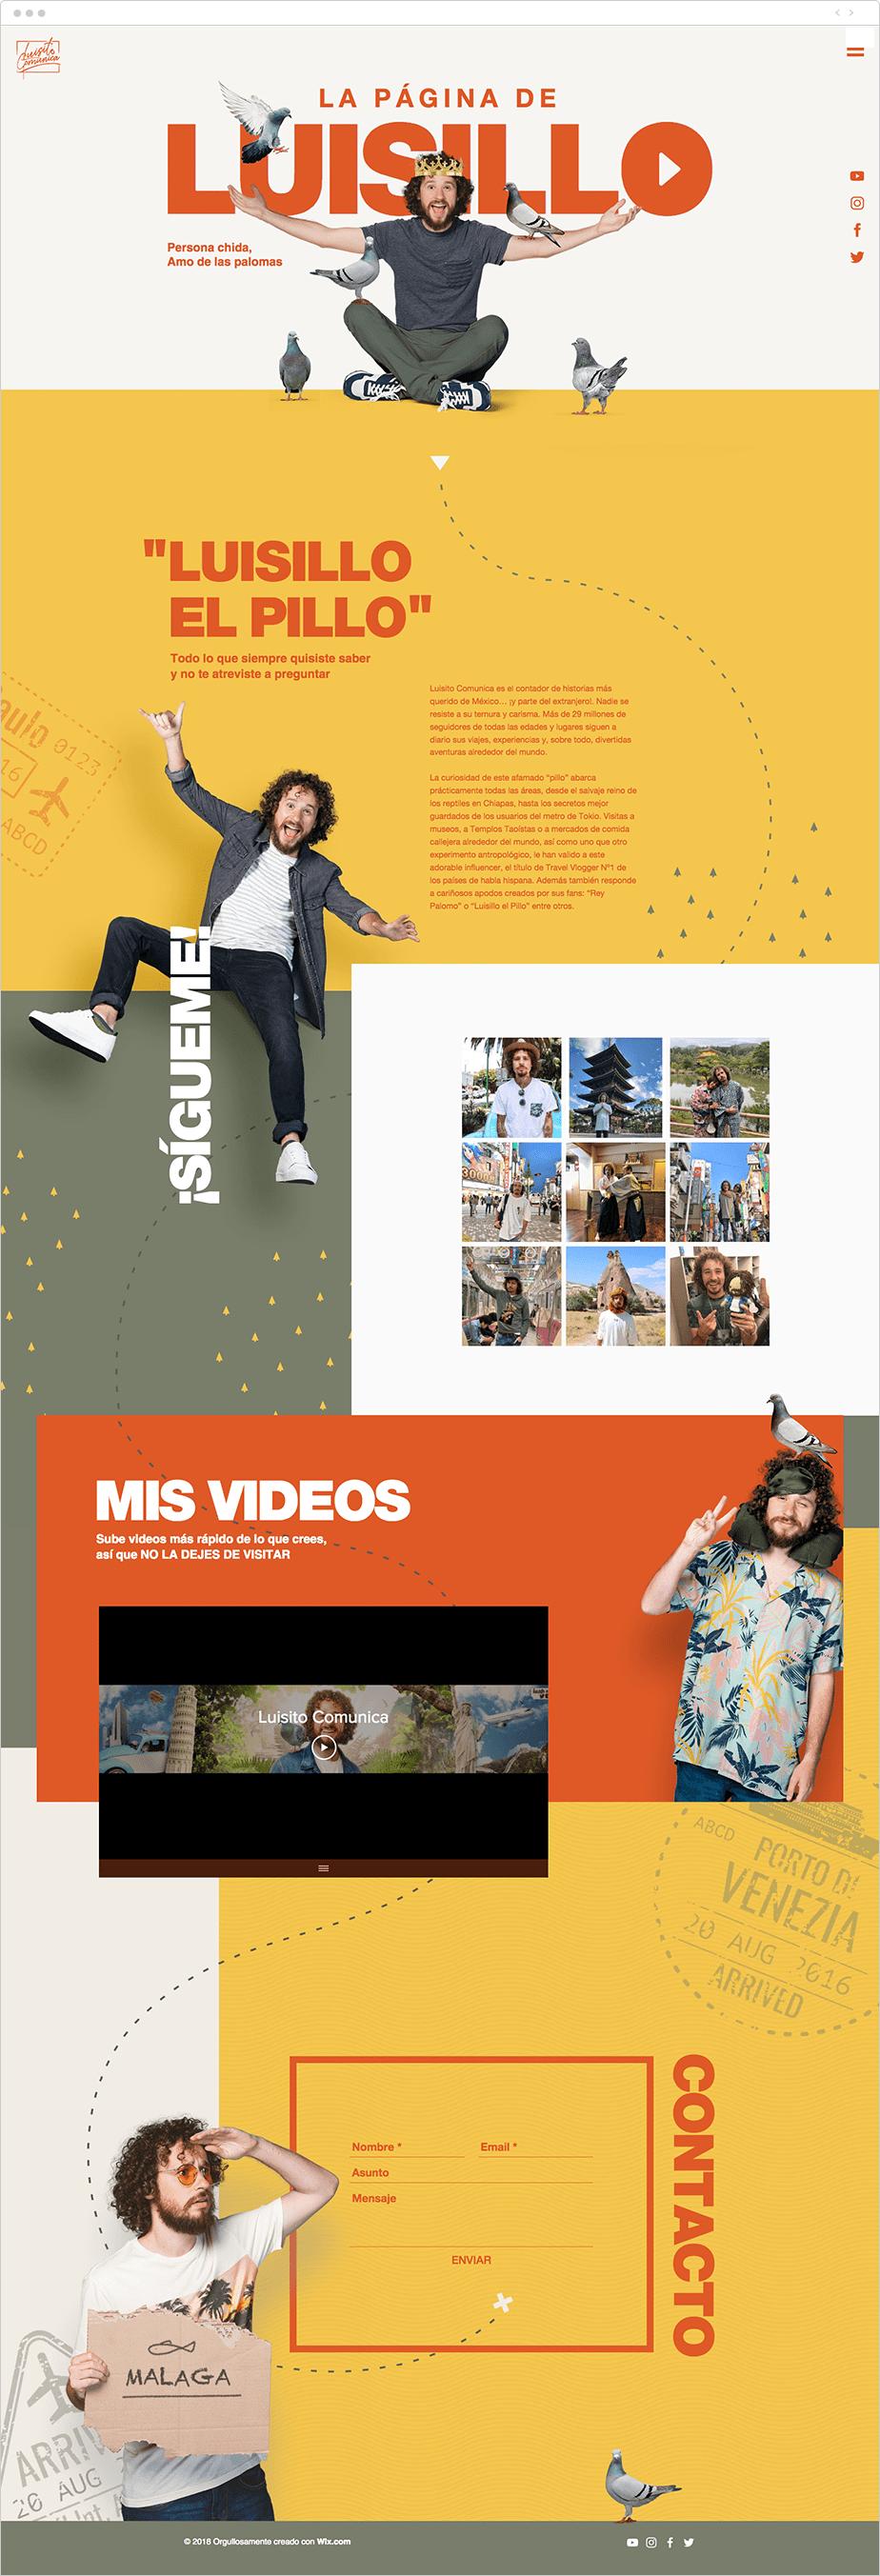 Luisito Comunica también creó una página web para sus videos